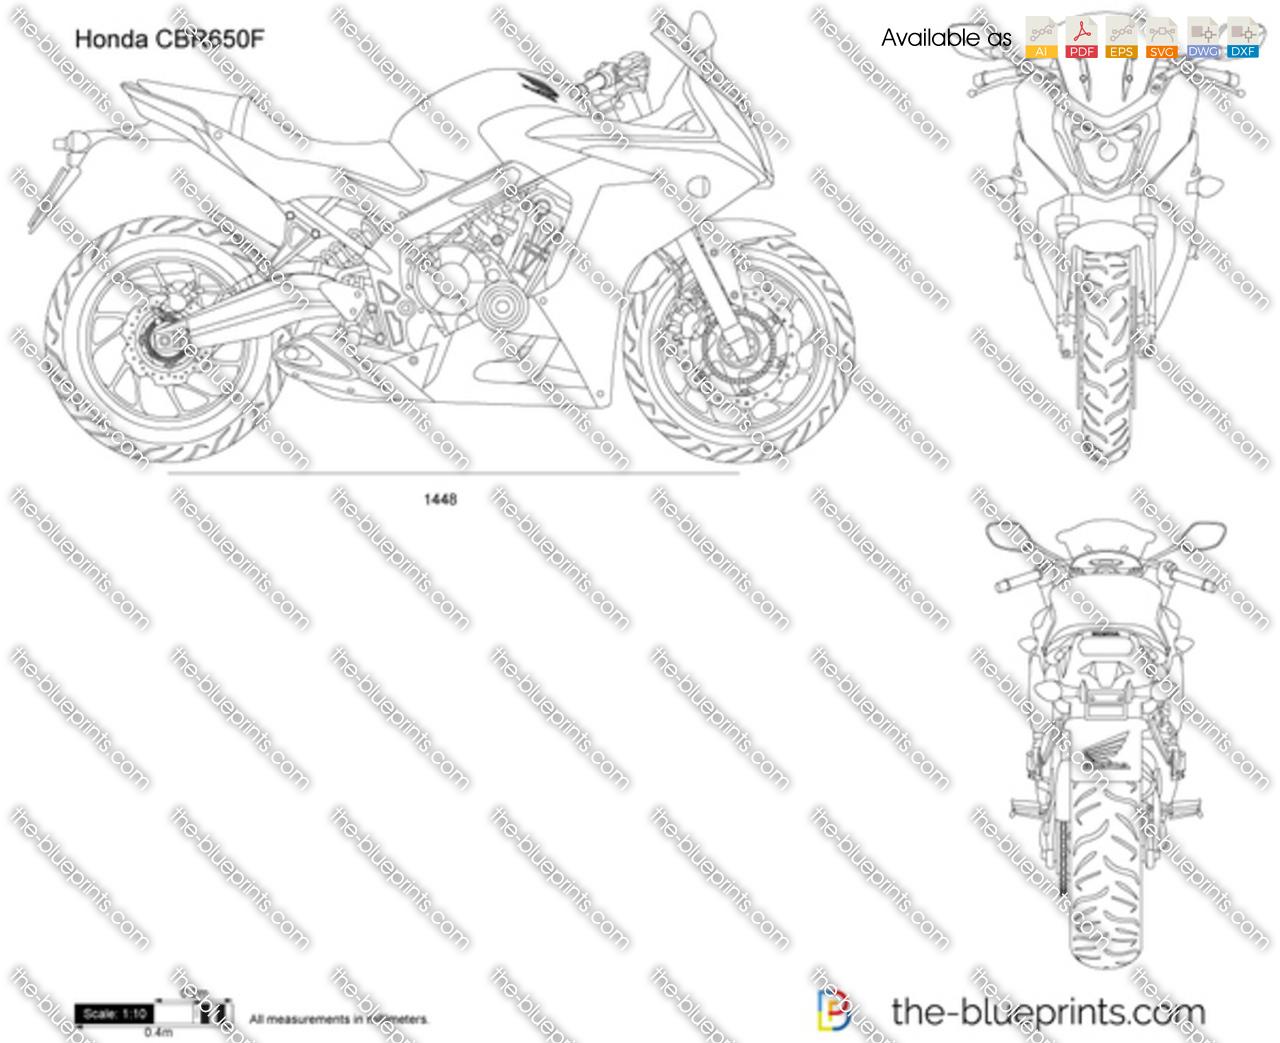 Honda CBR650F 2015